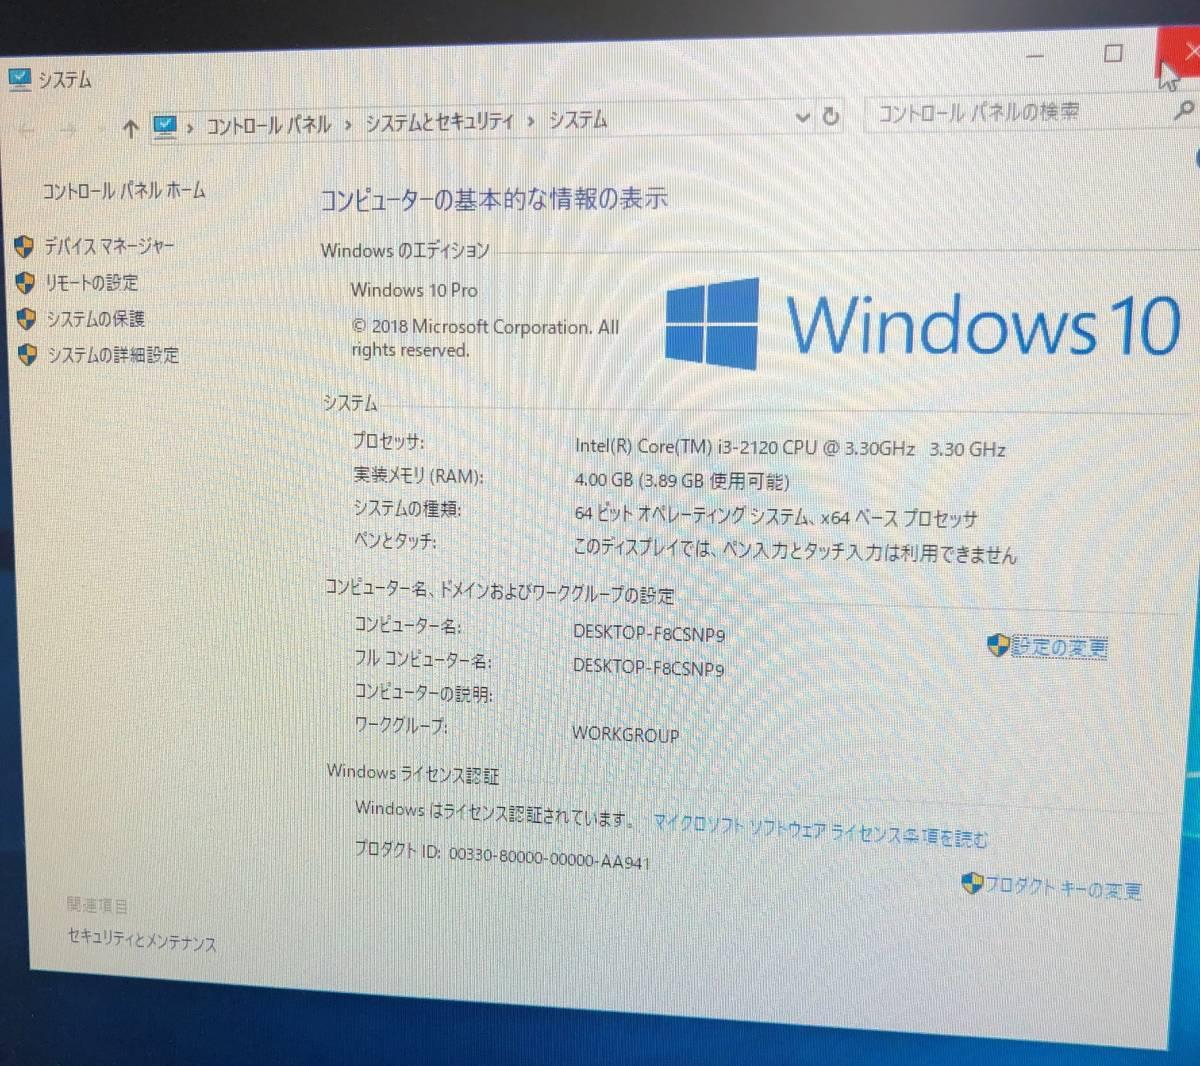 1 Nec Pc Mj33llzcd Core I3 2120 330ghz 4gb Window10